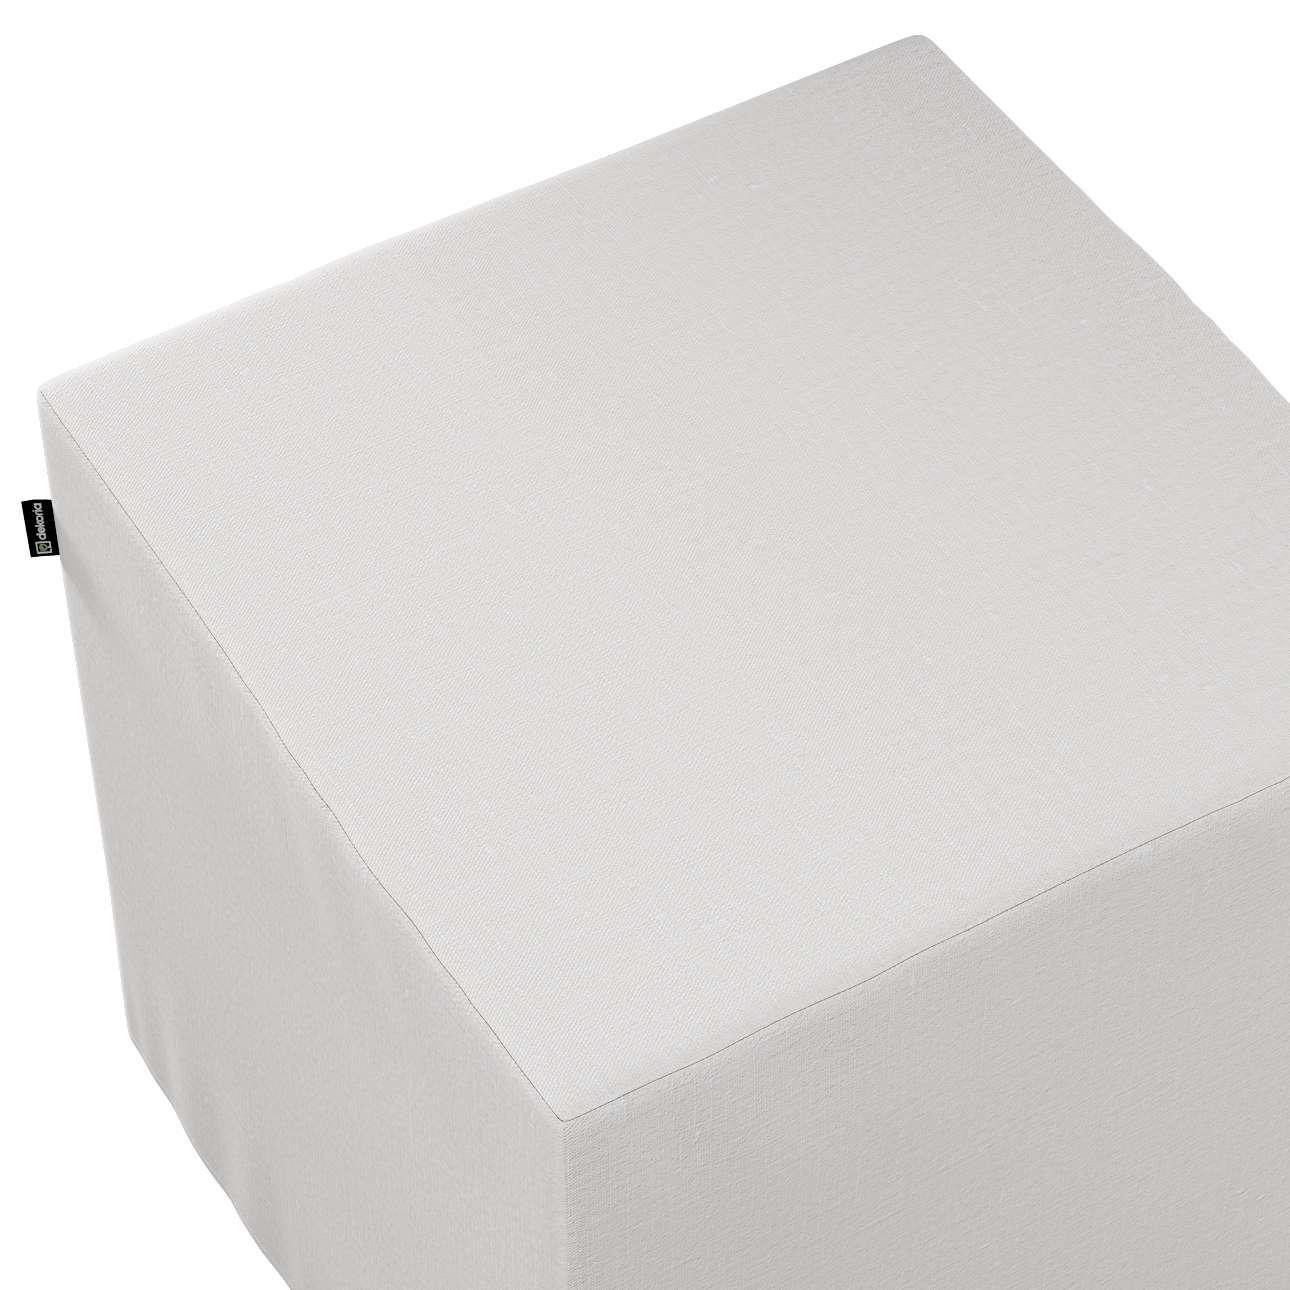 Pokrowiec na pufę kostkę w kolekcji Linen, tkanina: 392-04